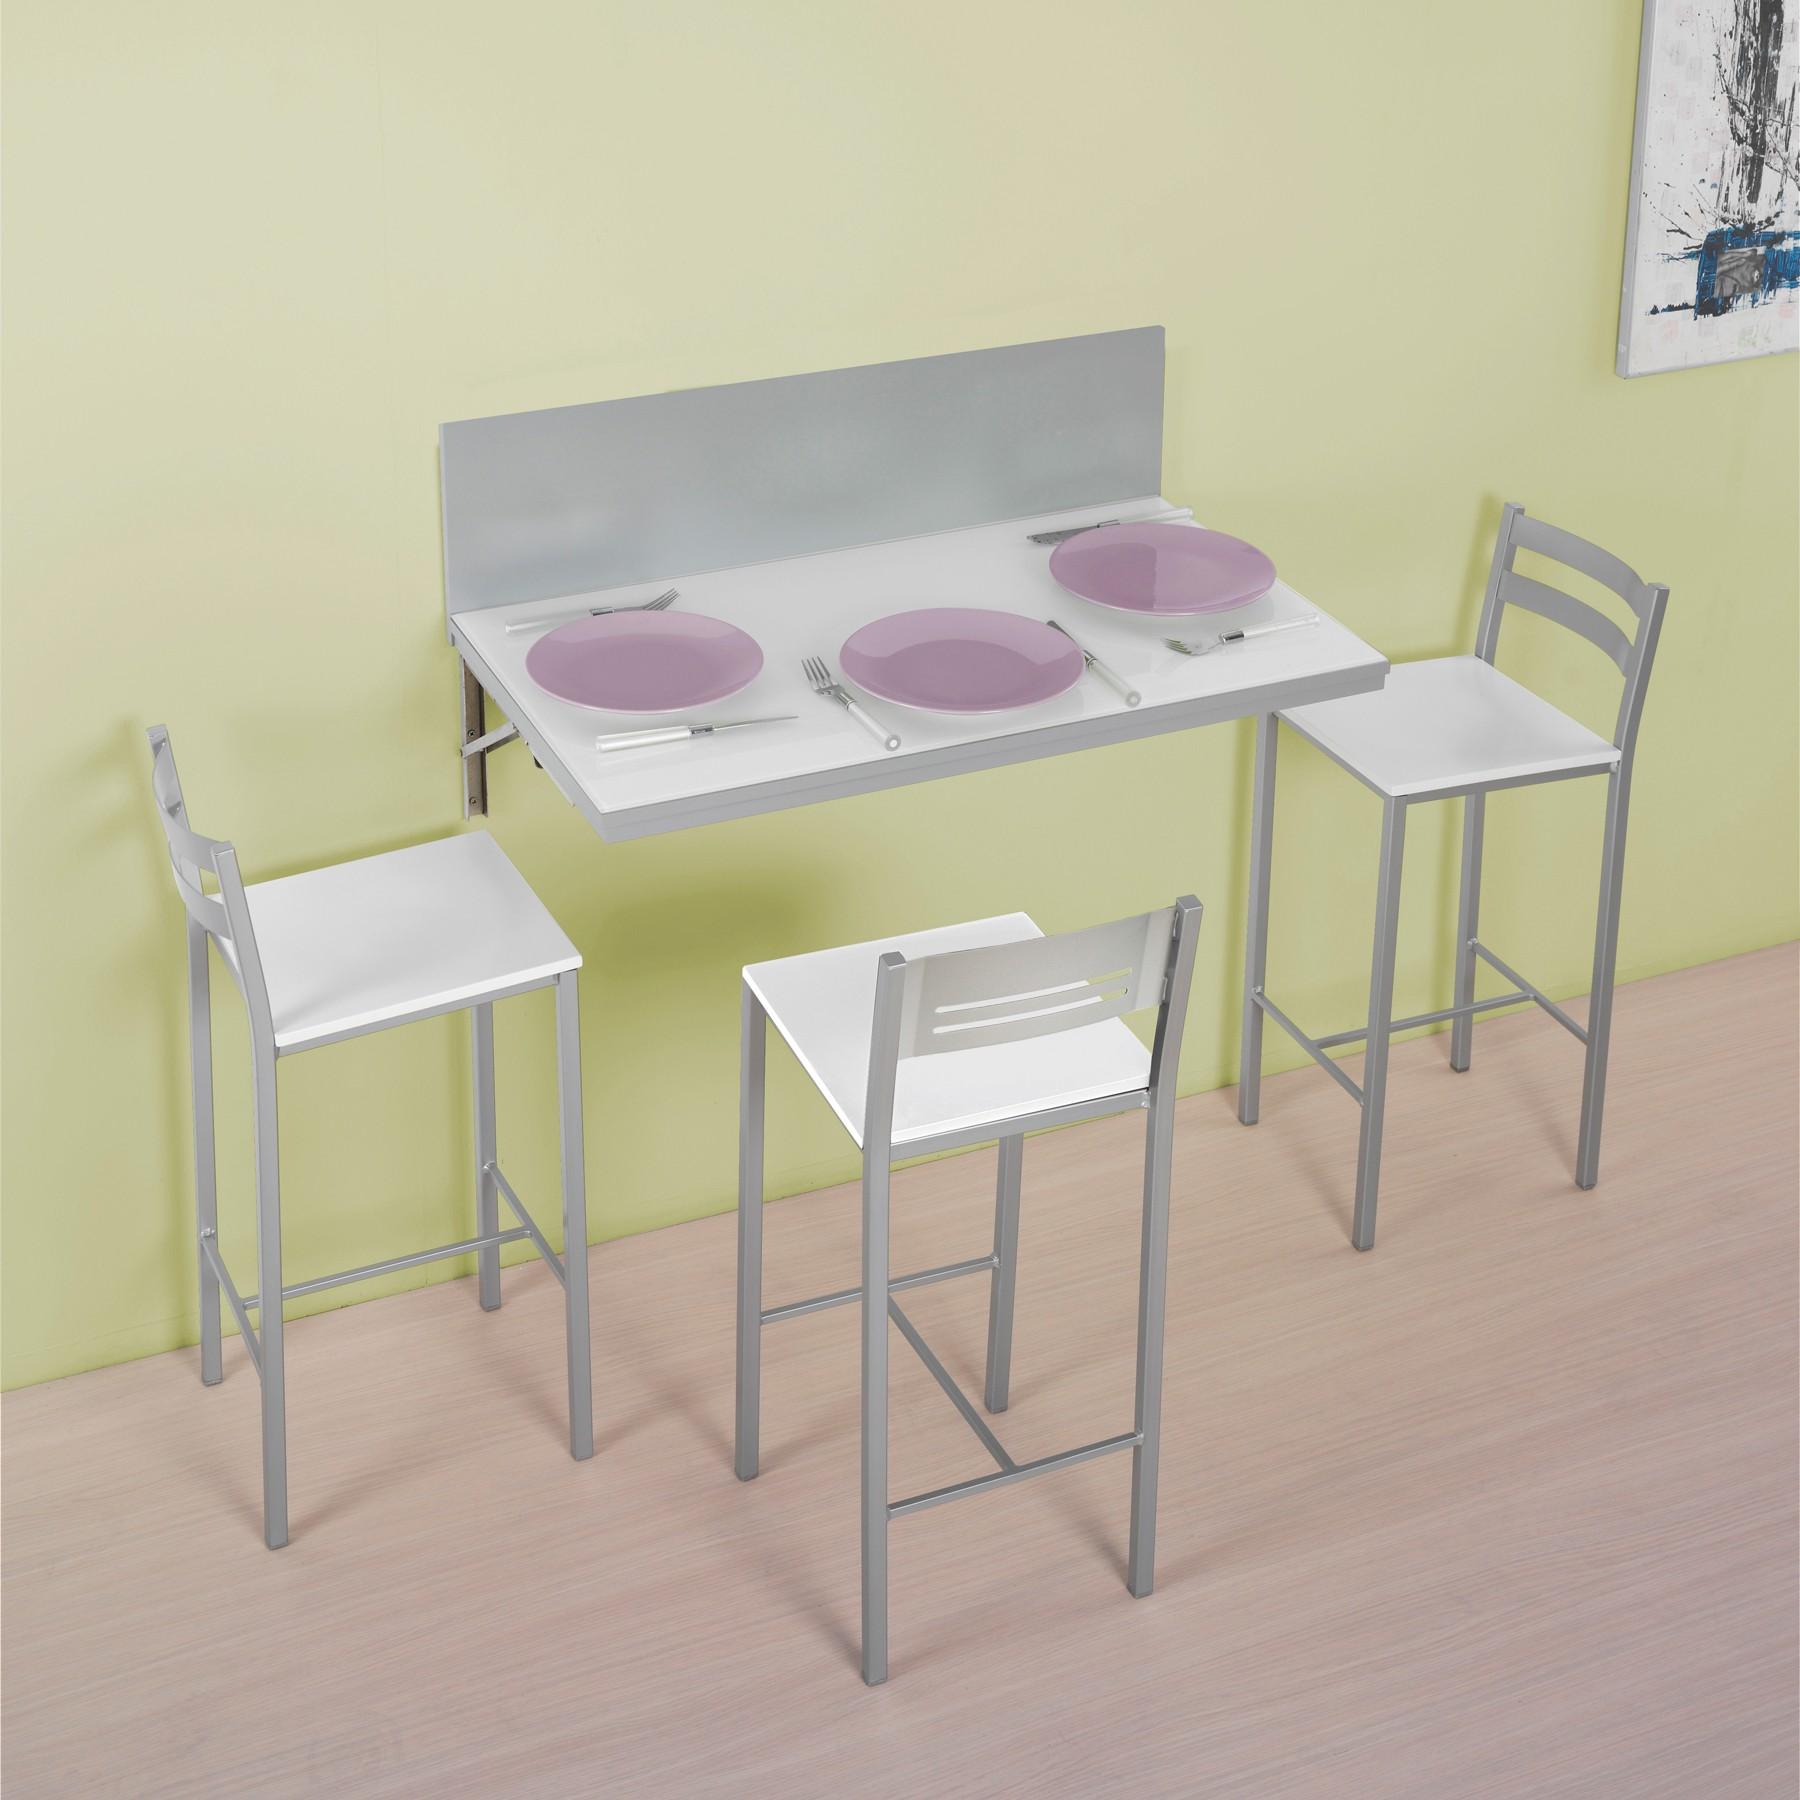 Mesa de pared para cocina modelo e - Modelos de mesas de cocina ...